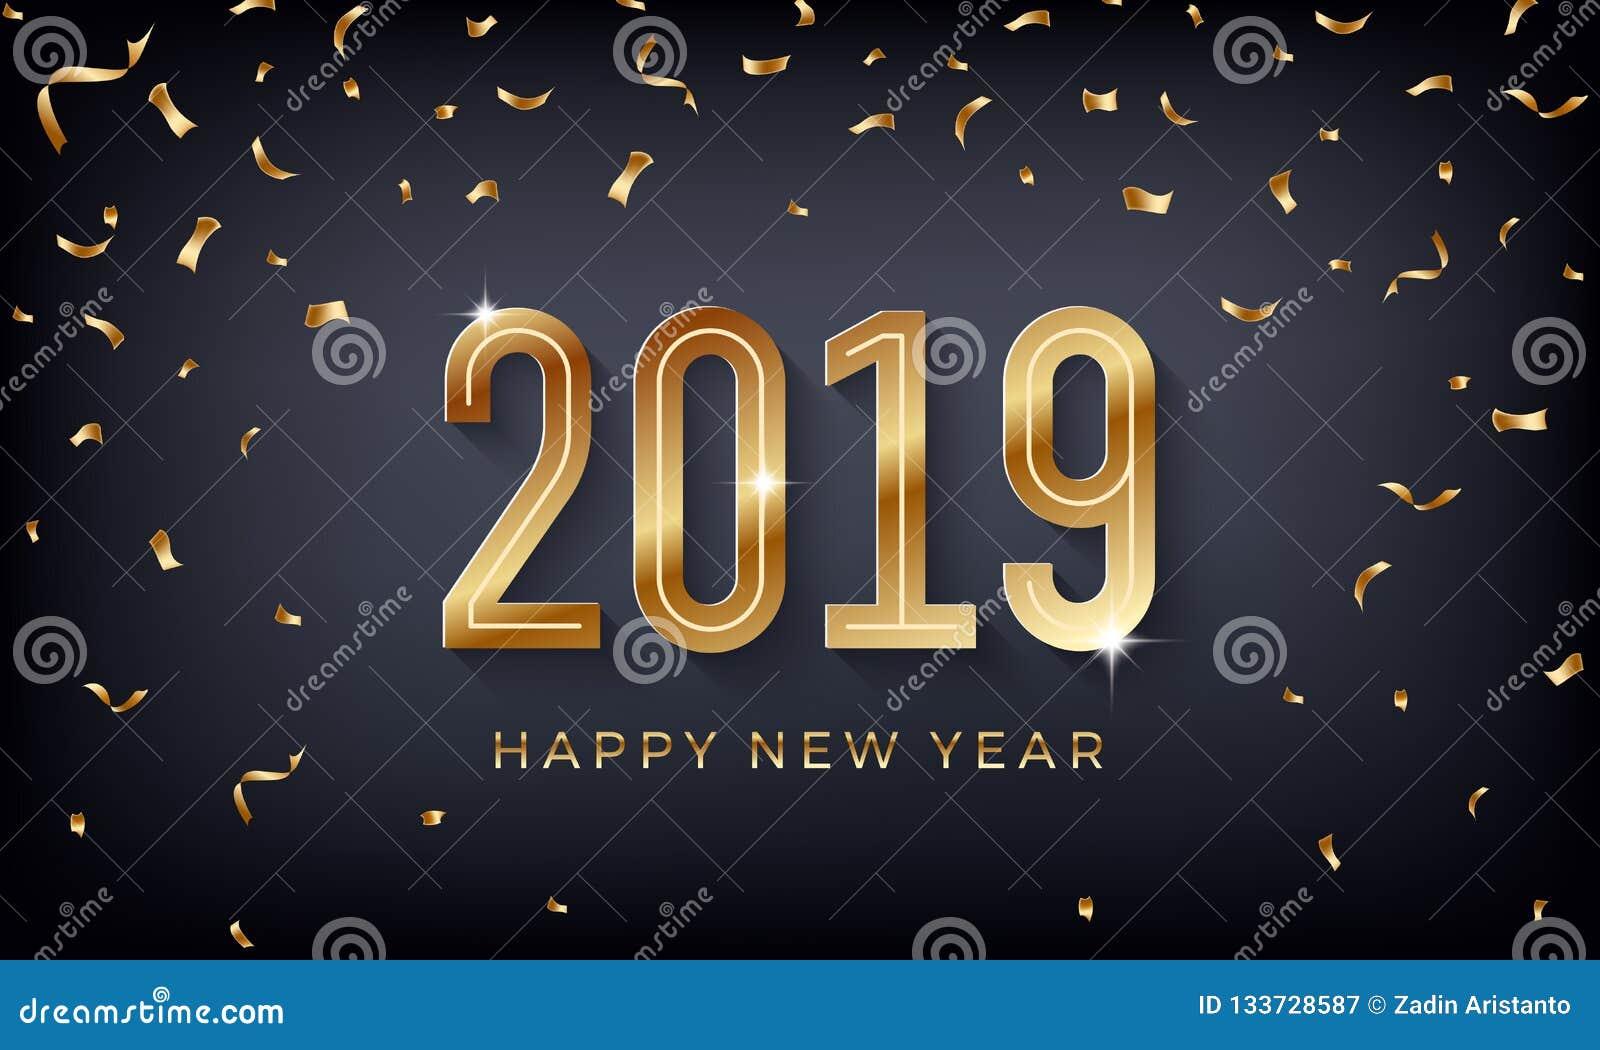 Szczęśliwy nowy rok 2019 Kreatywnie abstrakcjonistyczna wektorowa ilustracja z błyskać złote liczby na ciemnym tle